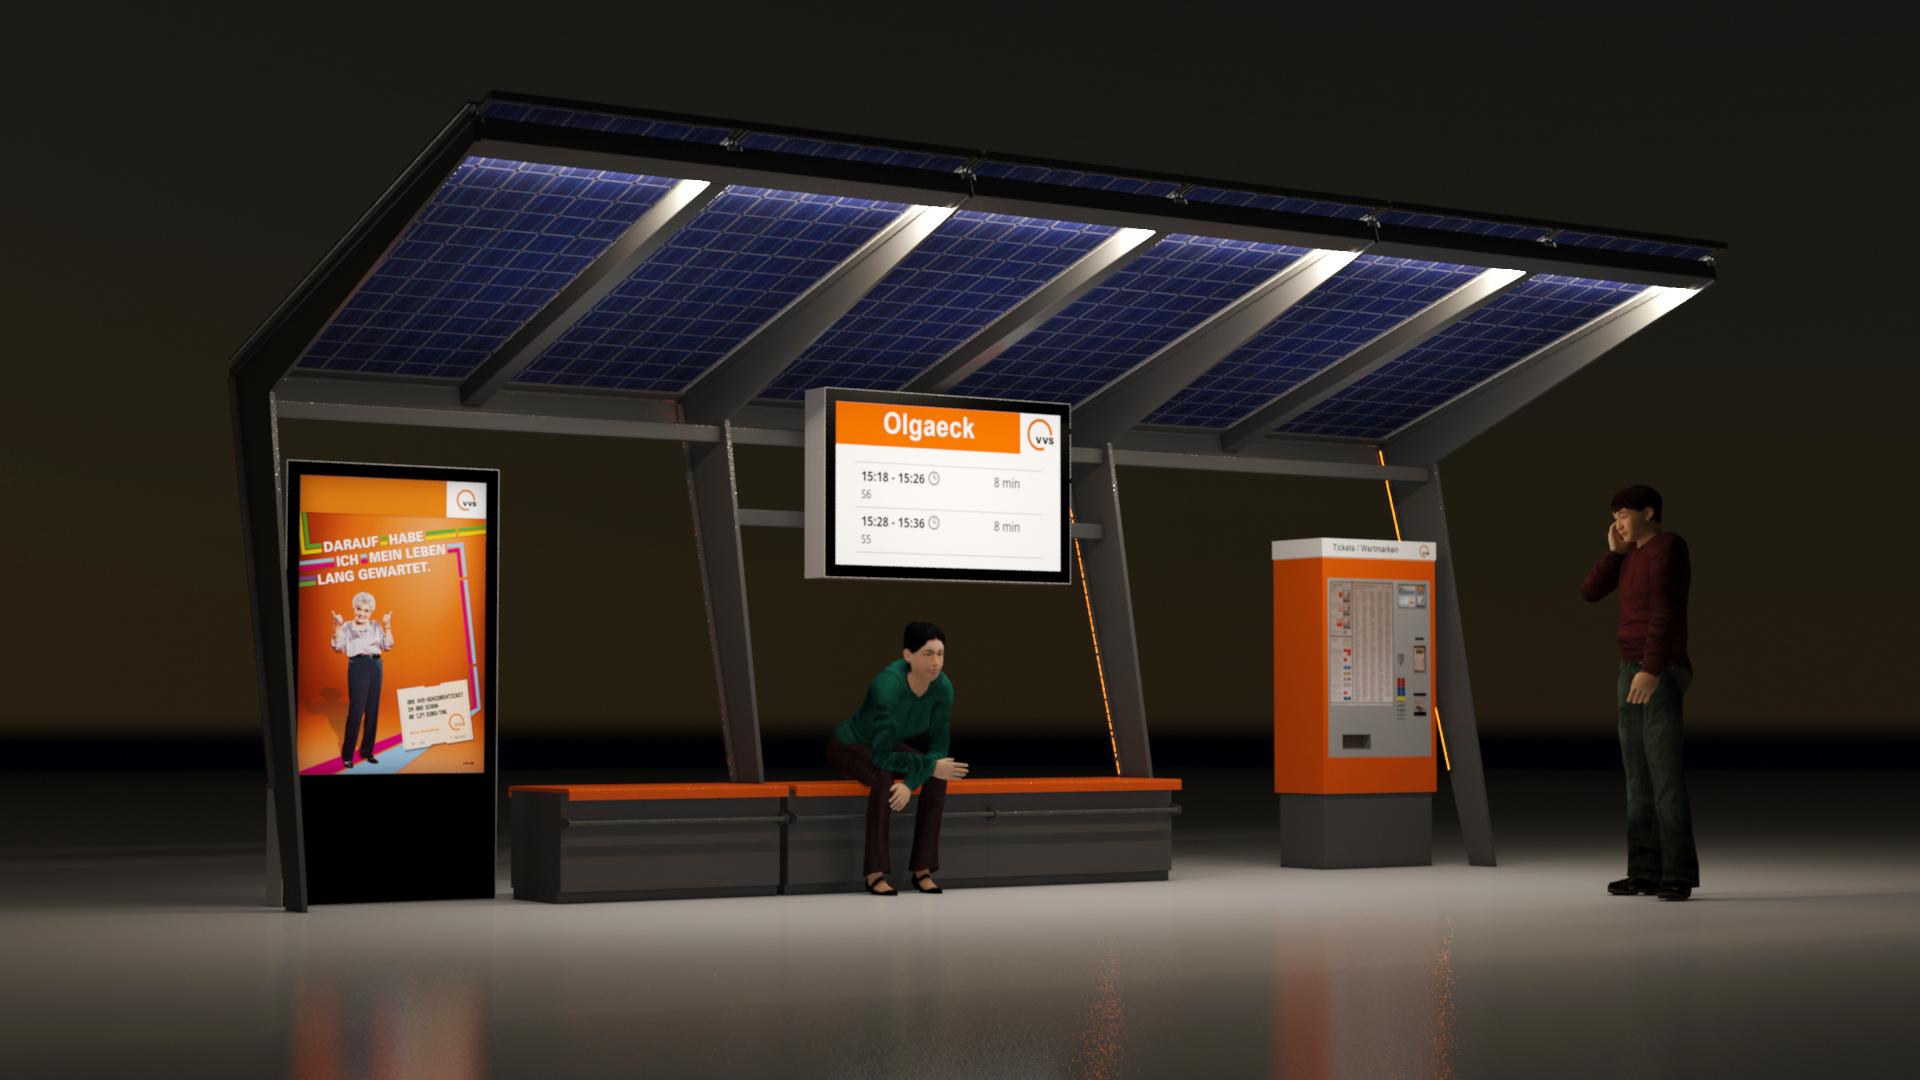 VVS U-Bahnhaltestelle am Abend von der Seite